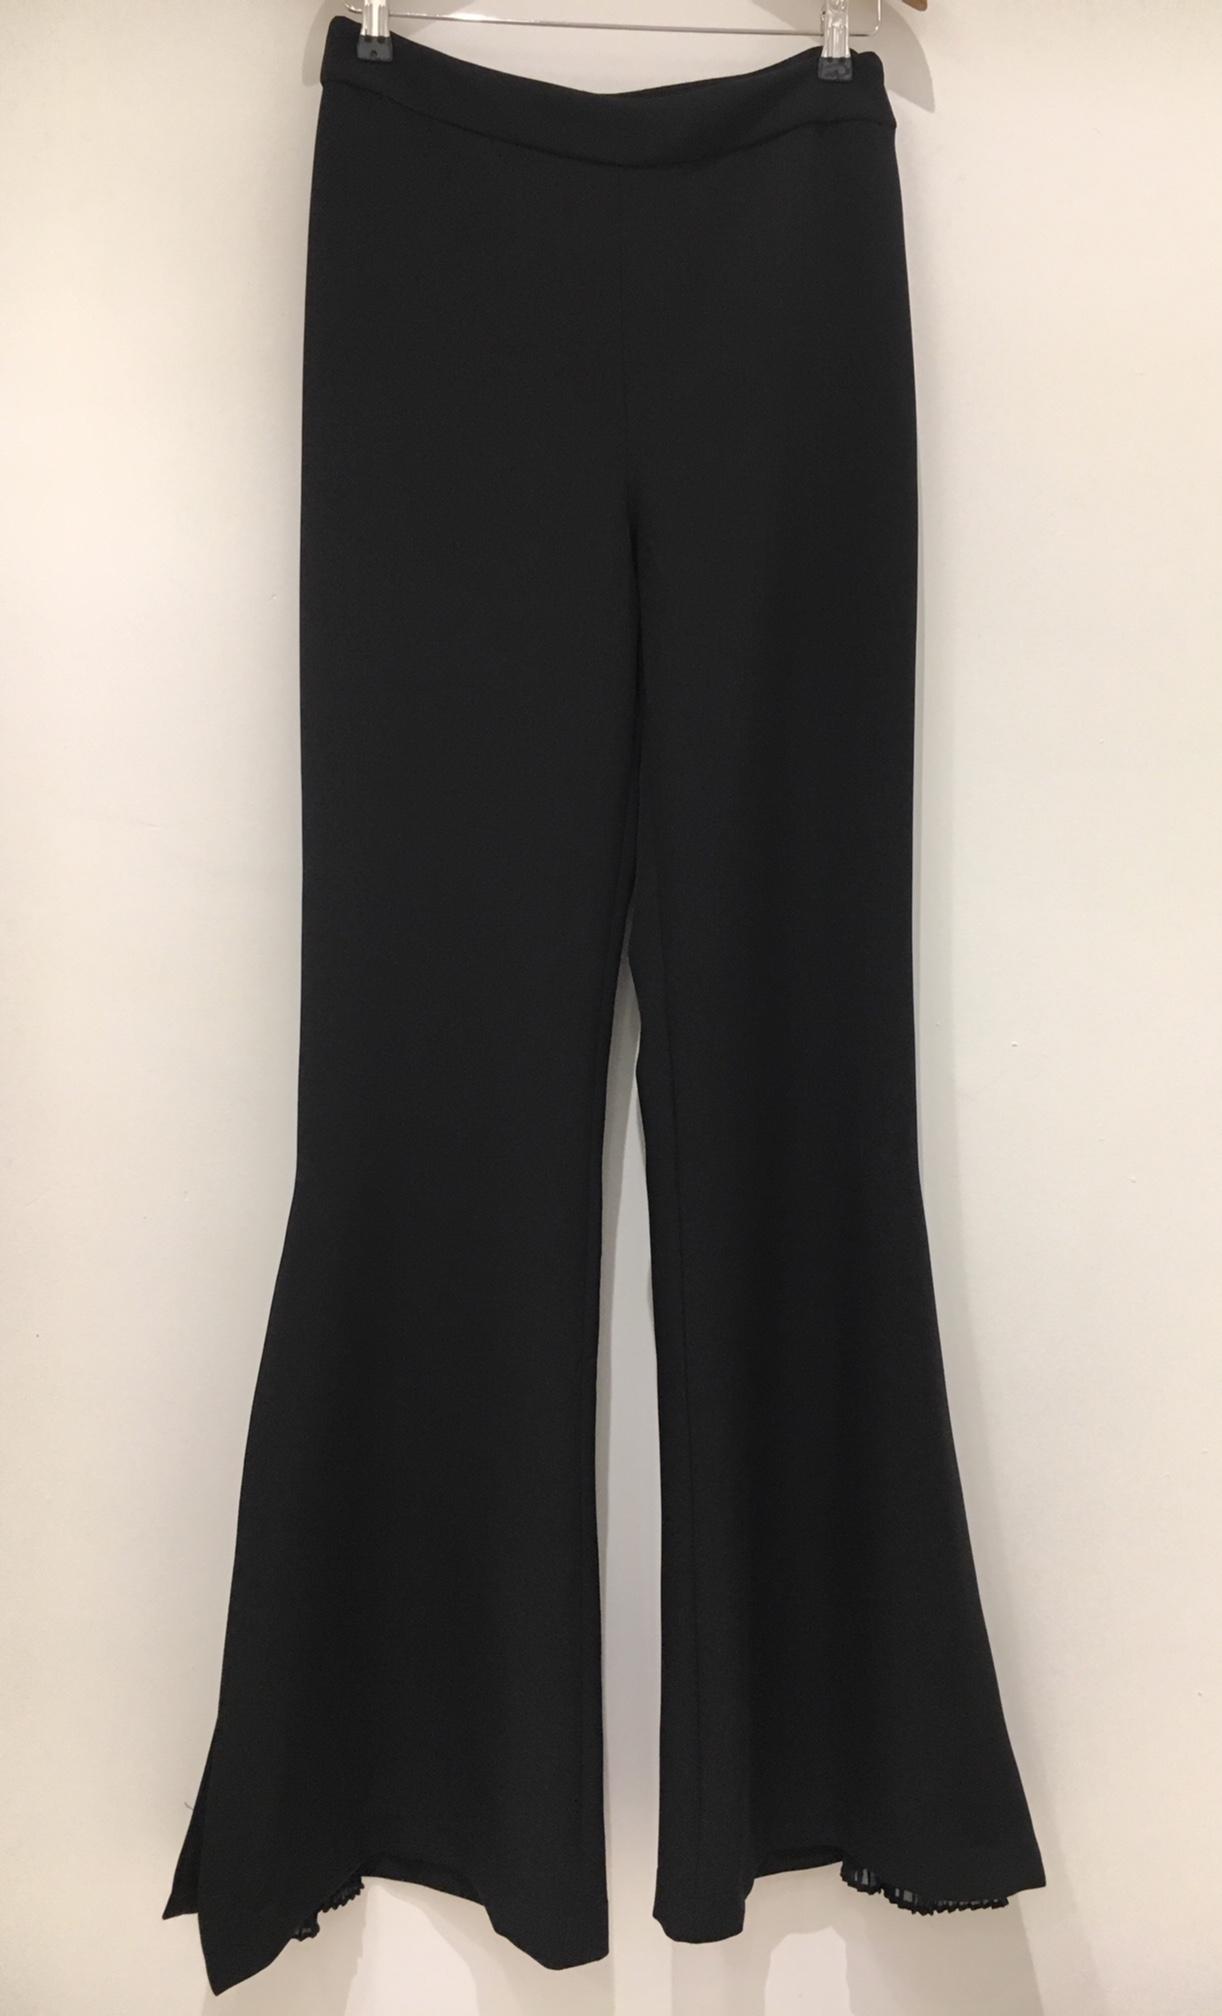 tfs-pantalona-preta